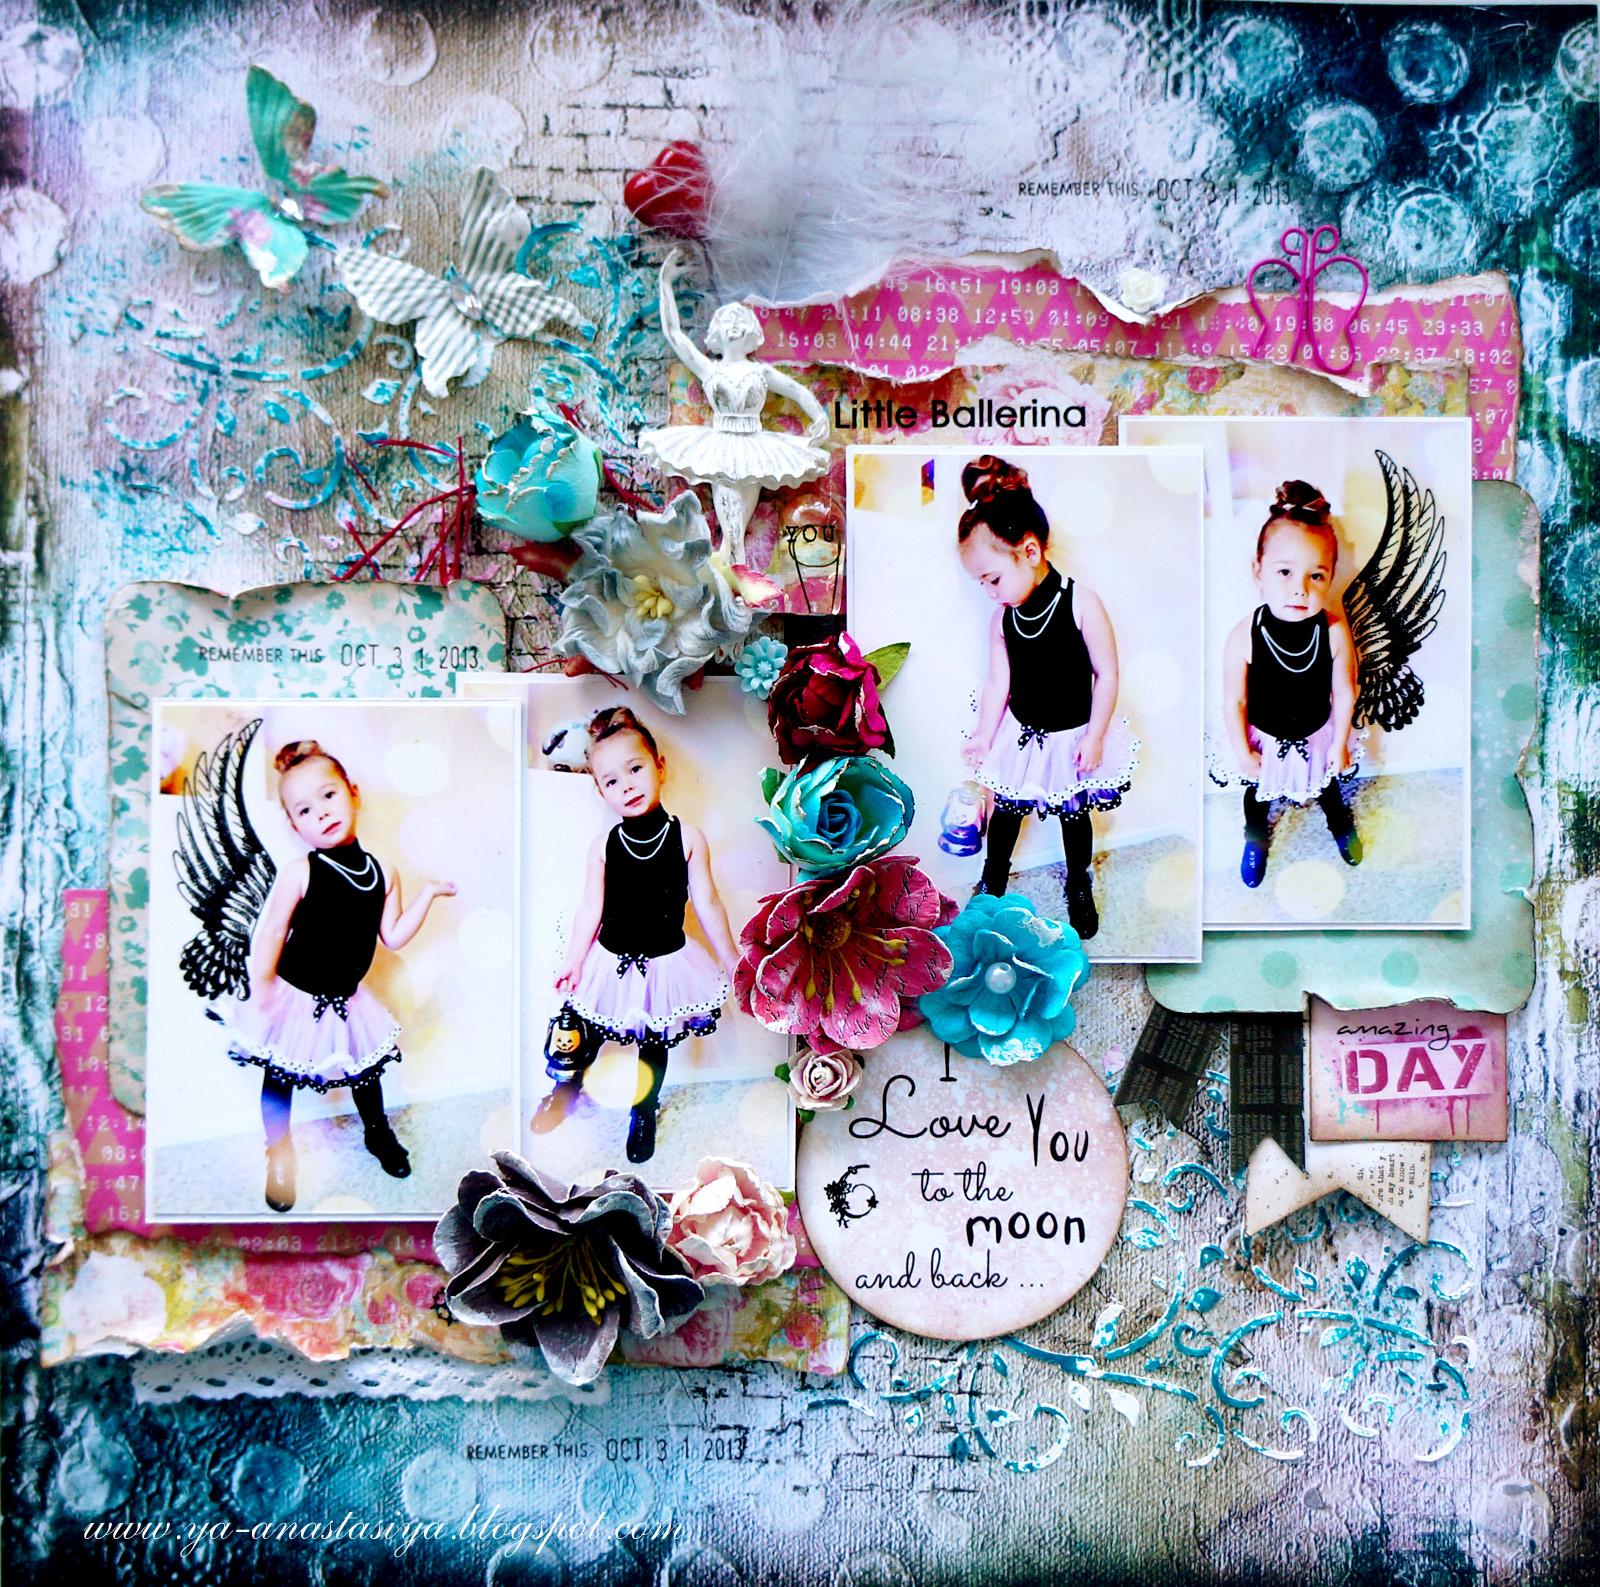 http://www.ya-anastasiya.blogspot.ru/2014/01/little-balerina.html